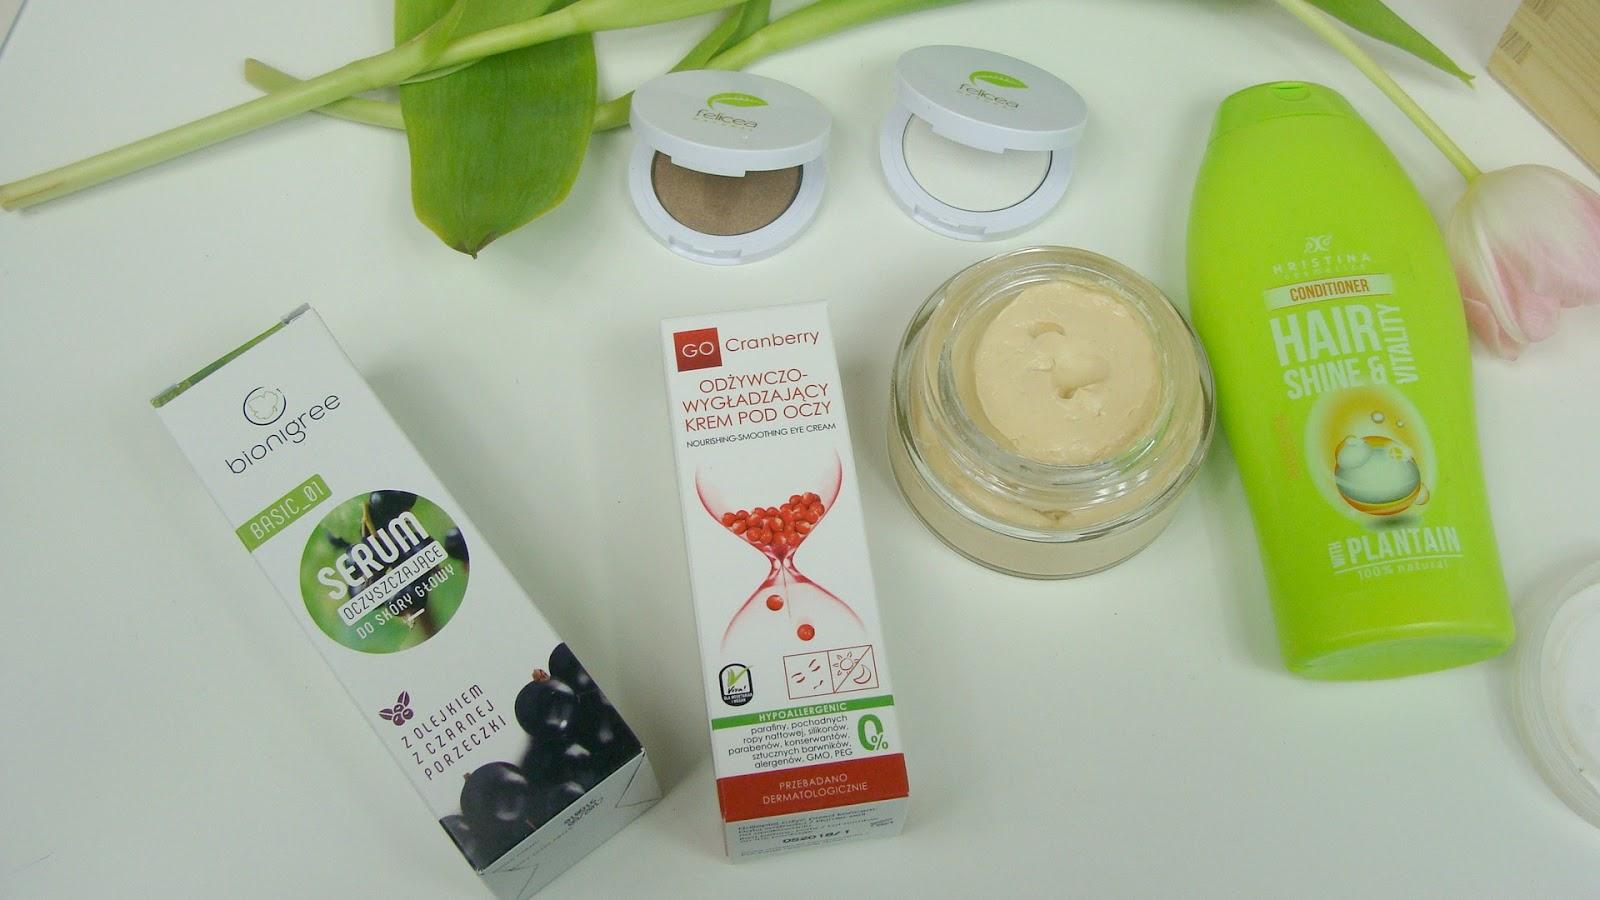 Kosmetyki naturalne, które warto poznać, Hristina, czeskie kosmetyki, felicea, cienie do oczu felicea, GoCranberry, NovaKosmetyki, krem do oczu gocranberry, maska bursztynowa, bionigree, bionigree serum oczyszczające do włosów